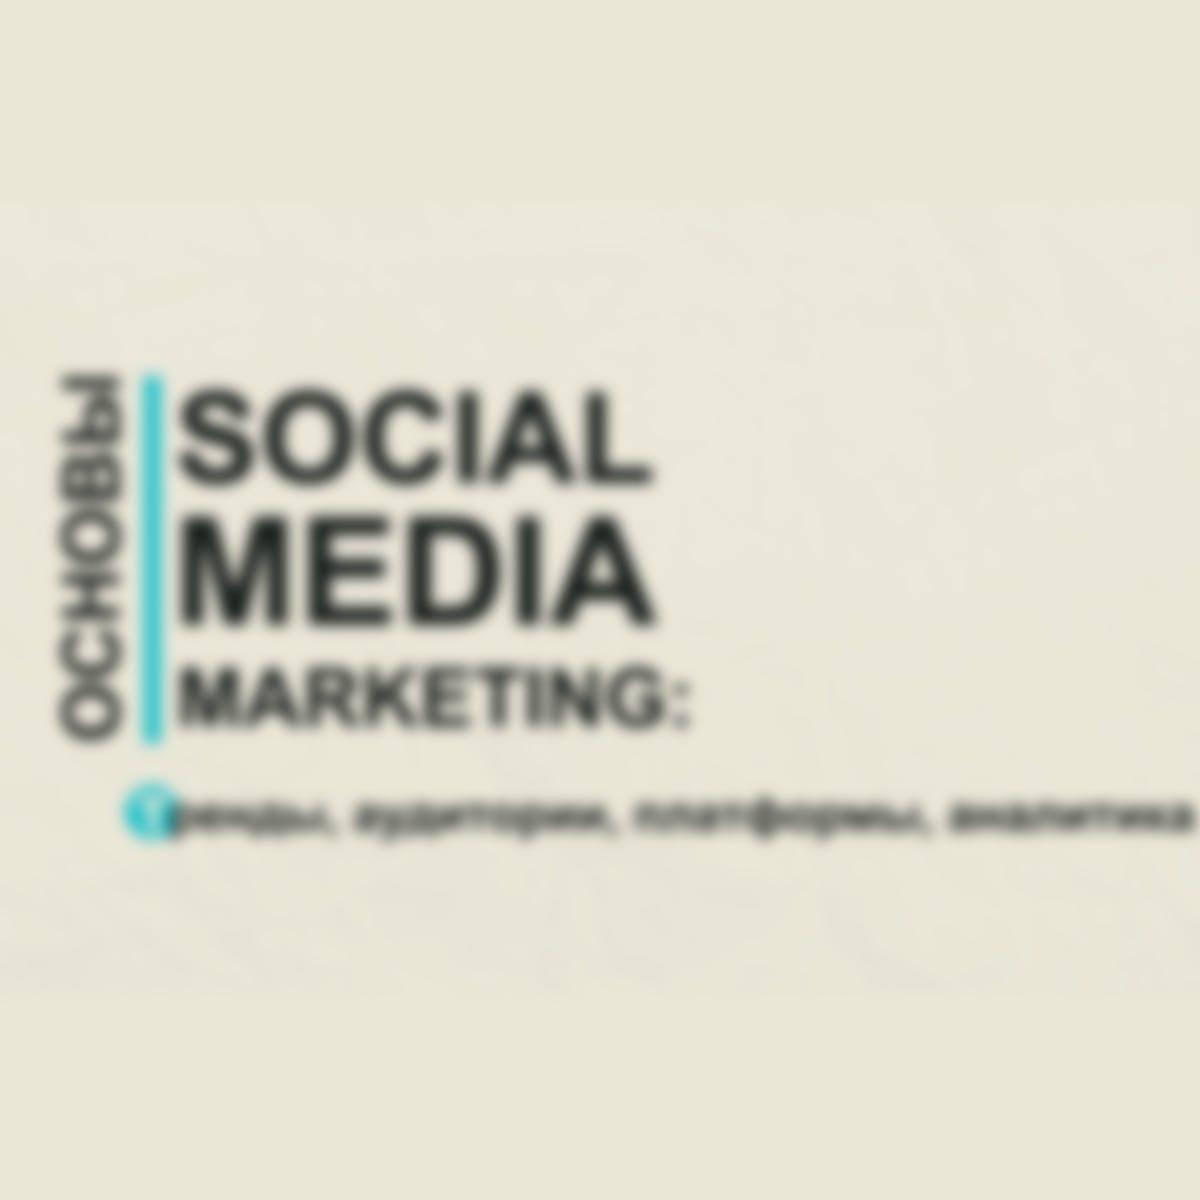 Основы SMM: тренды, аудитории, платформы, аналитика